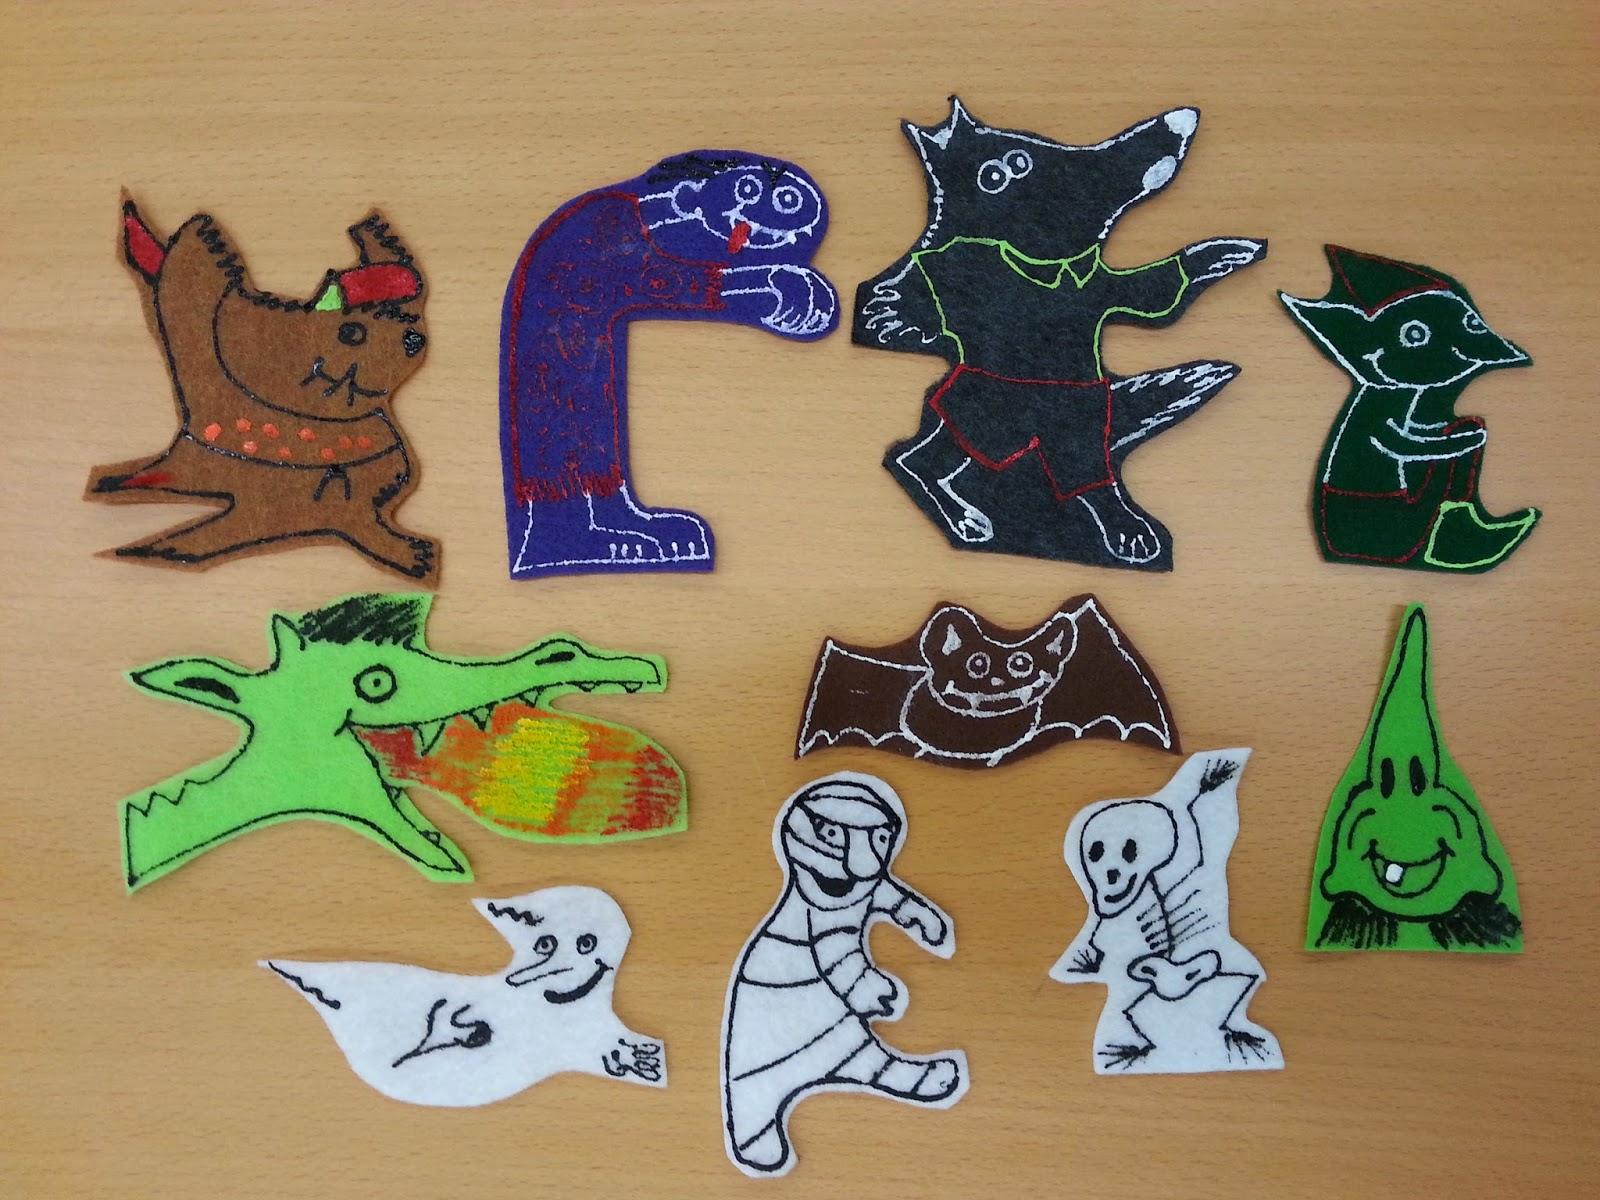 http://thriveafterthree.com/2014/10/01/little-goblins-ten/